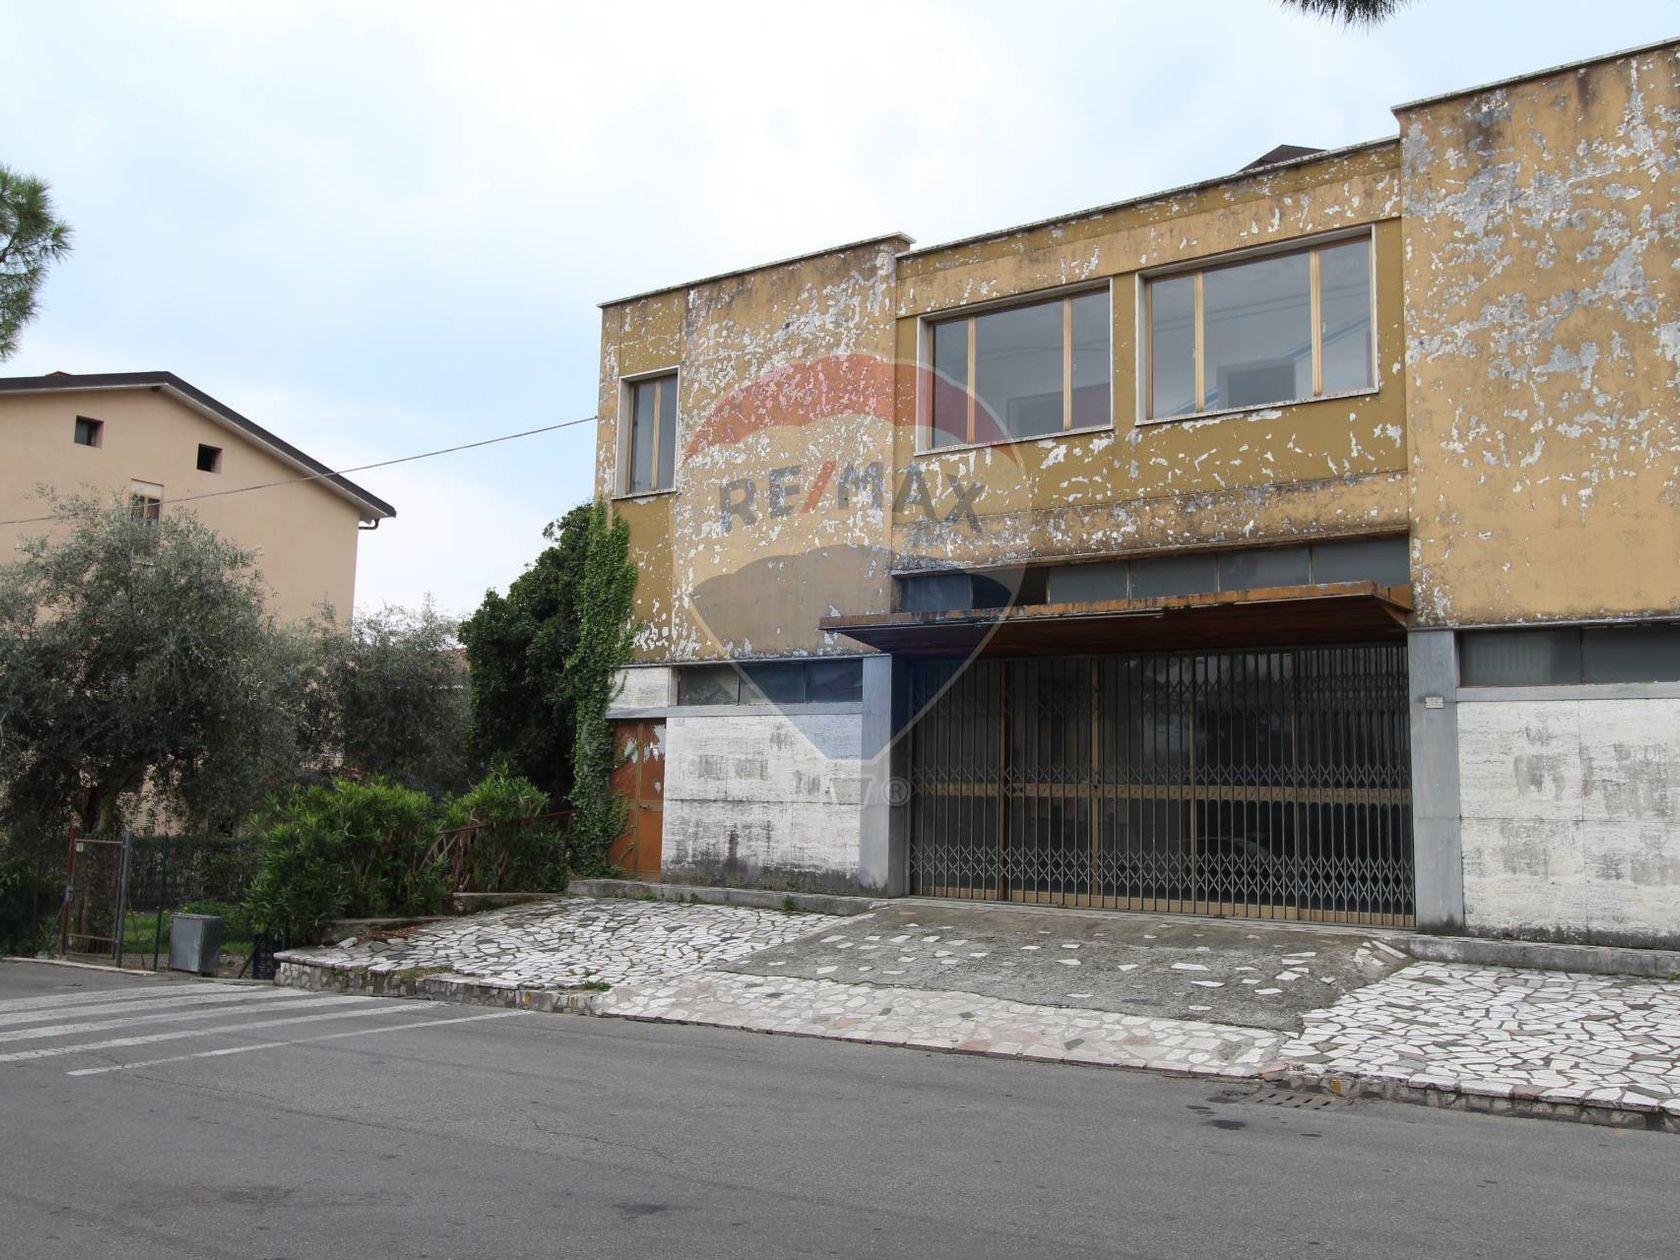 Locale Commerciale Toscolano-Maderno, BS Vendita - Foto 2